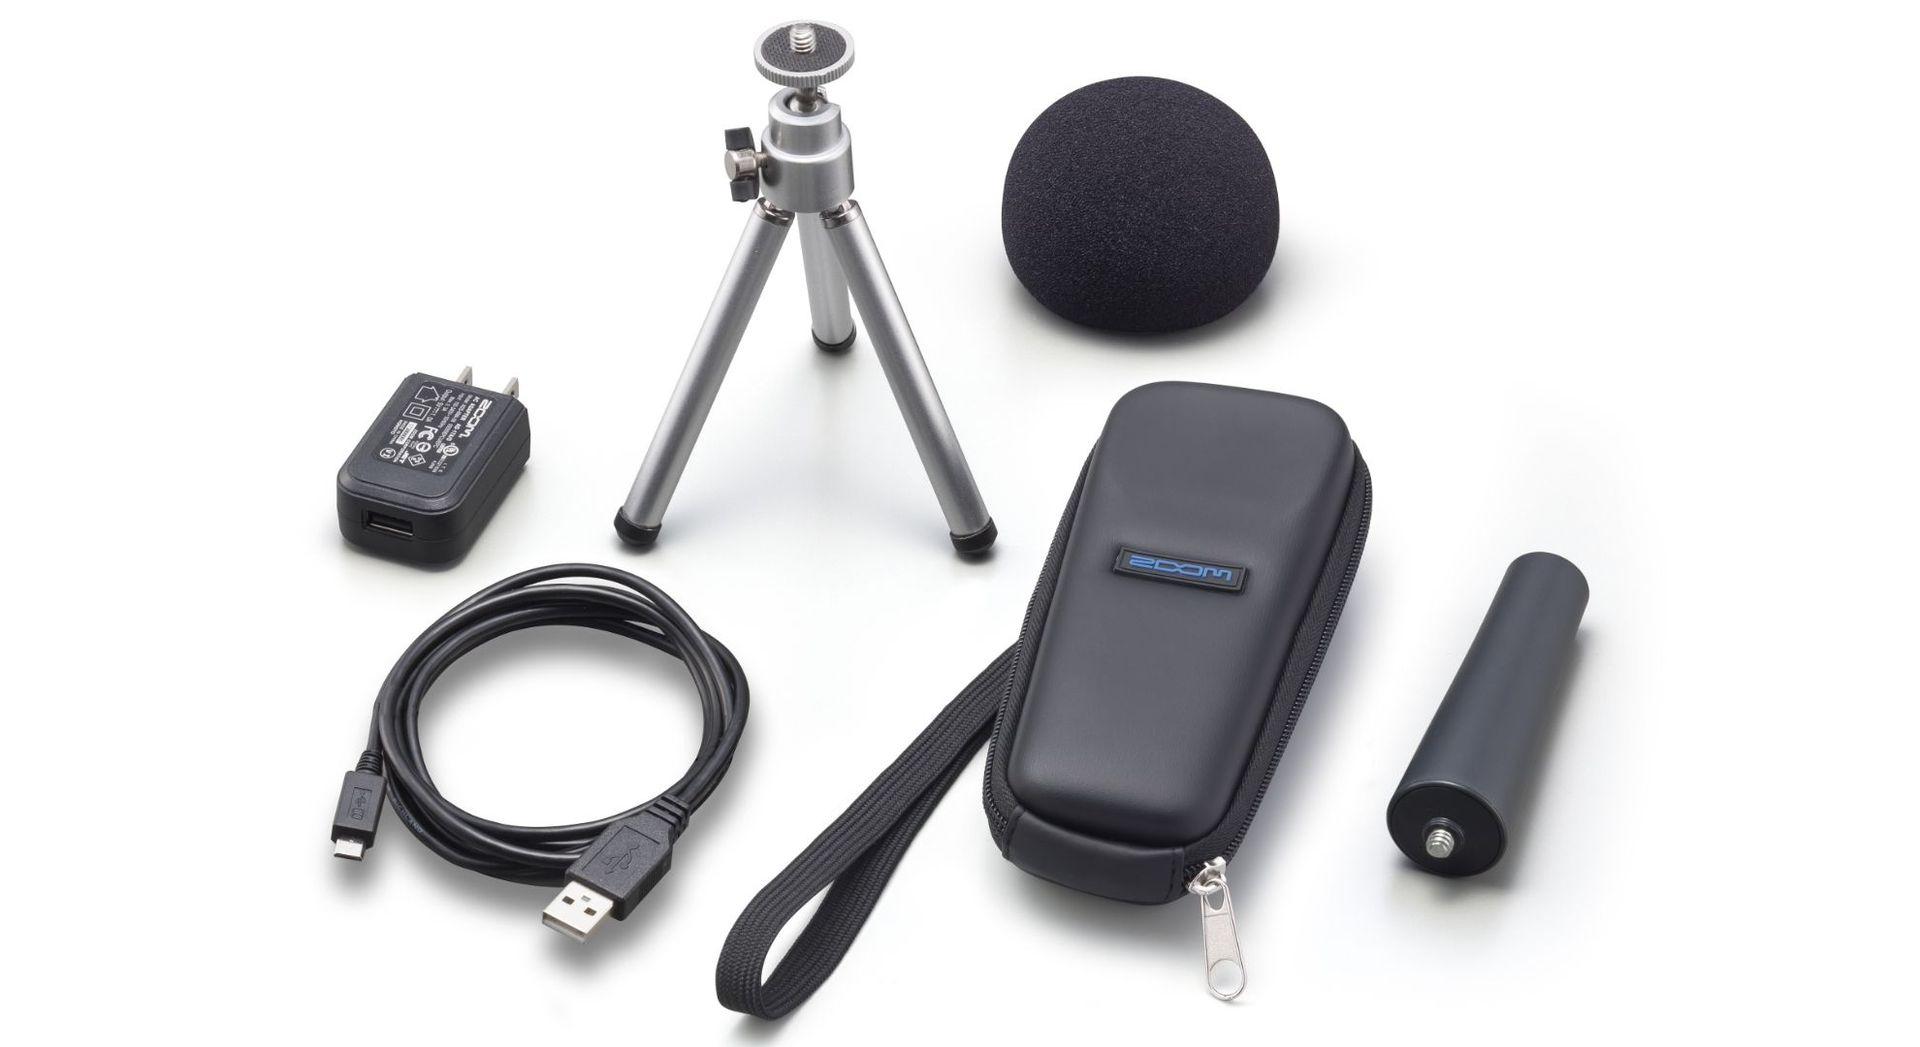 Zoom APH-1n Zubehör-SET für H1n-Recorder mit Tasche, USB-Kabel, Tischstativ usw.